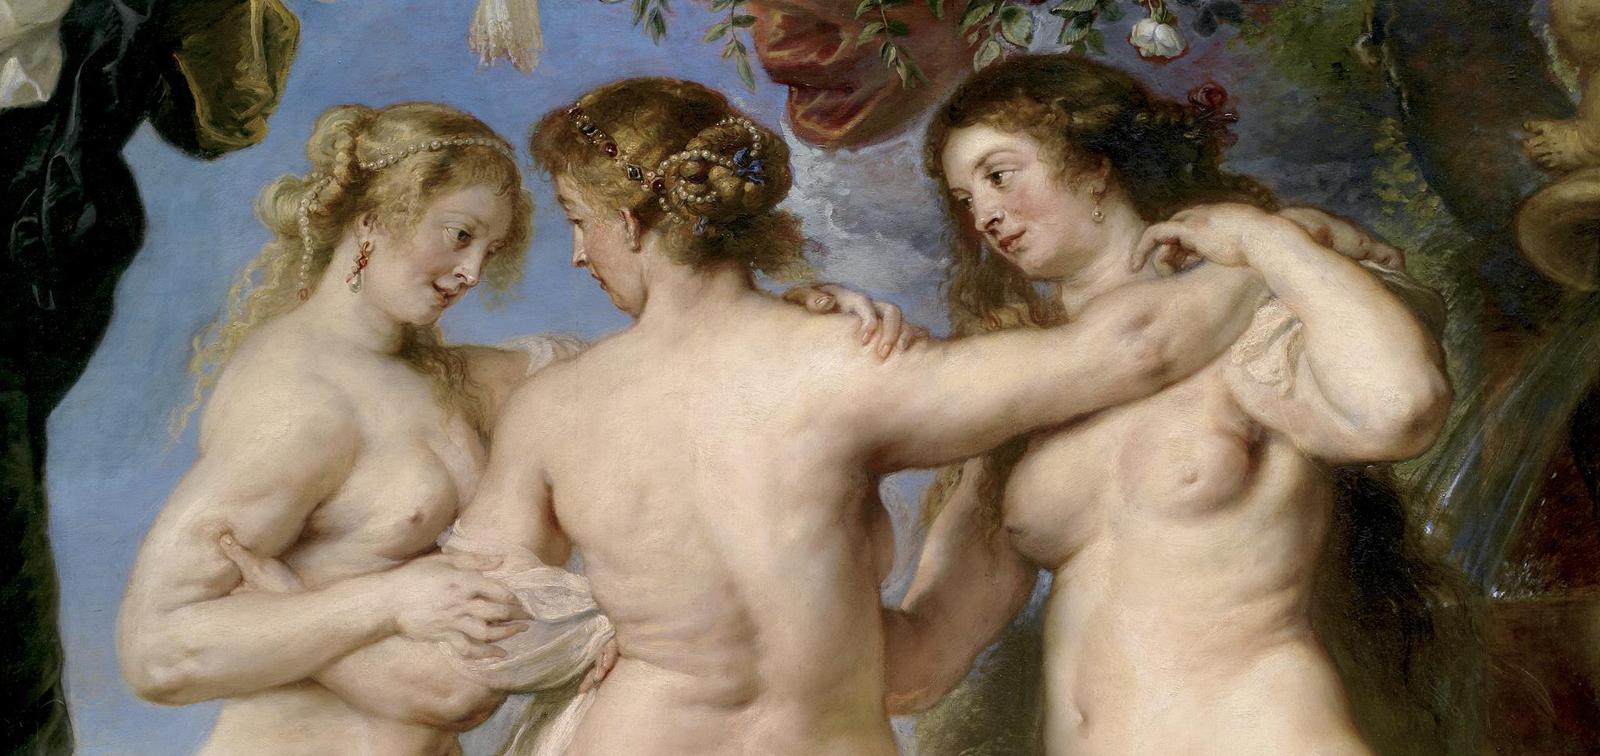 Exposición didáctica: El Museo del Prado en Malabo